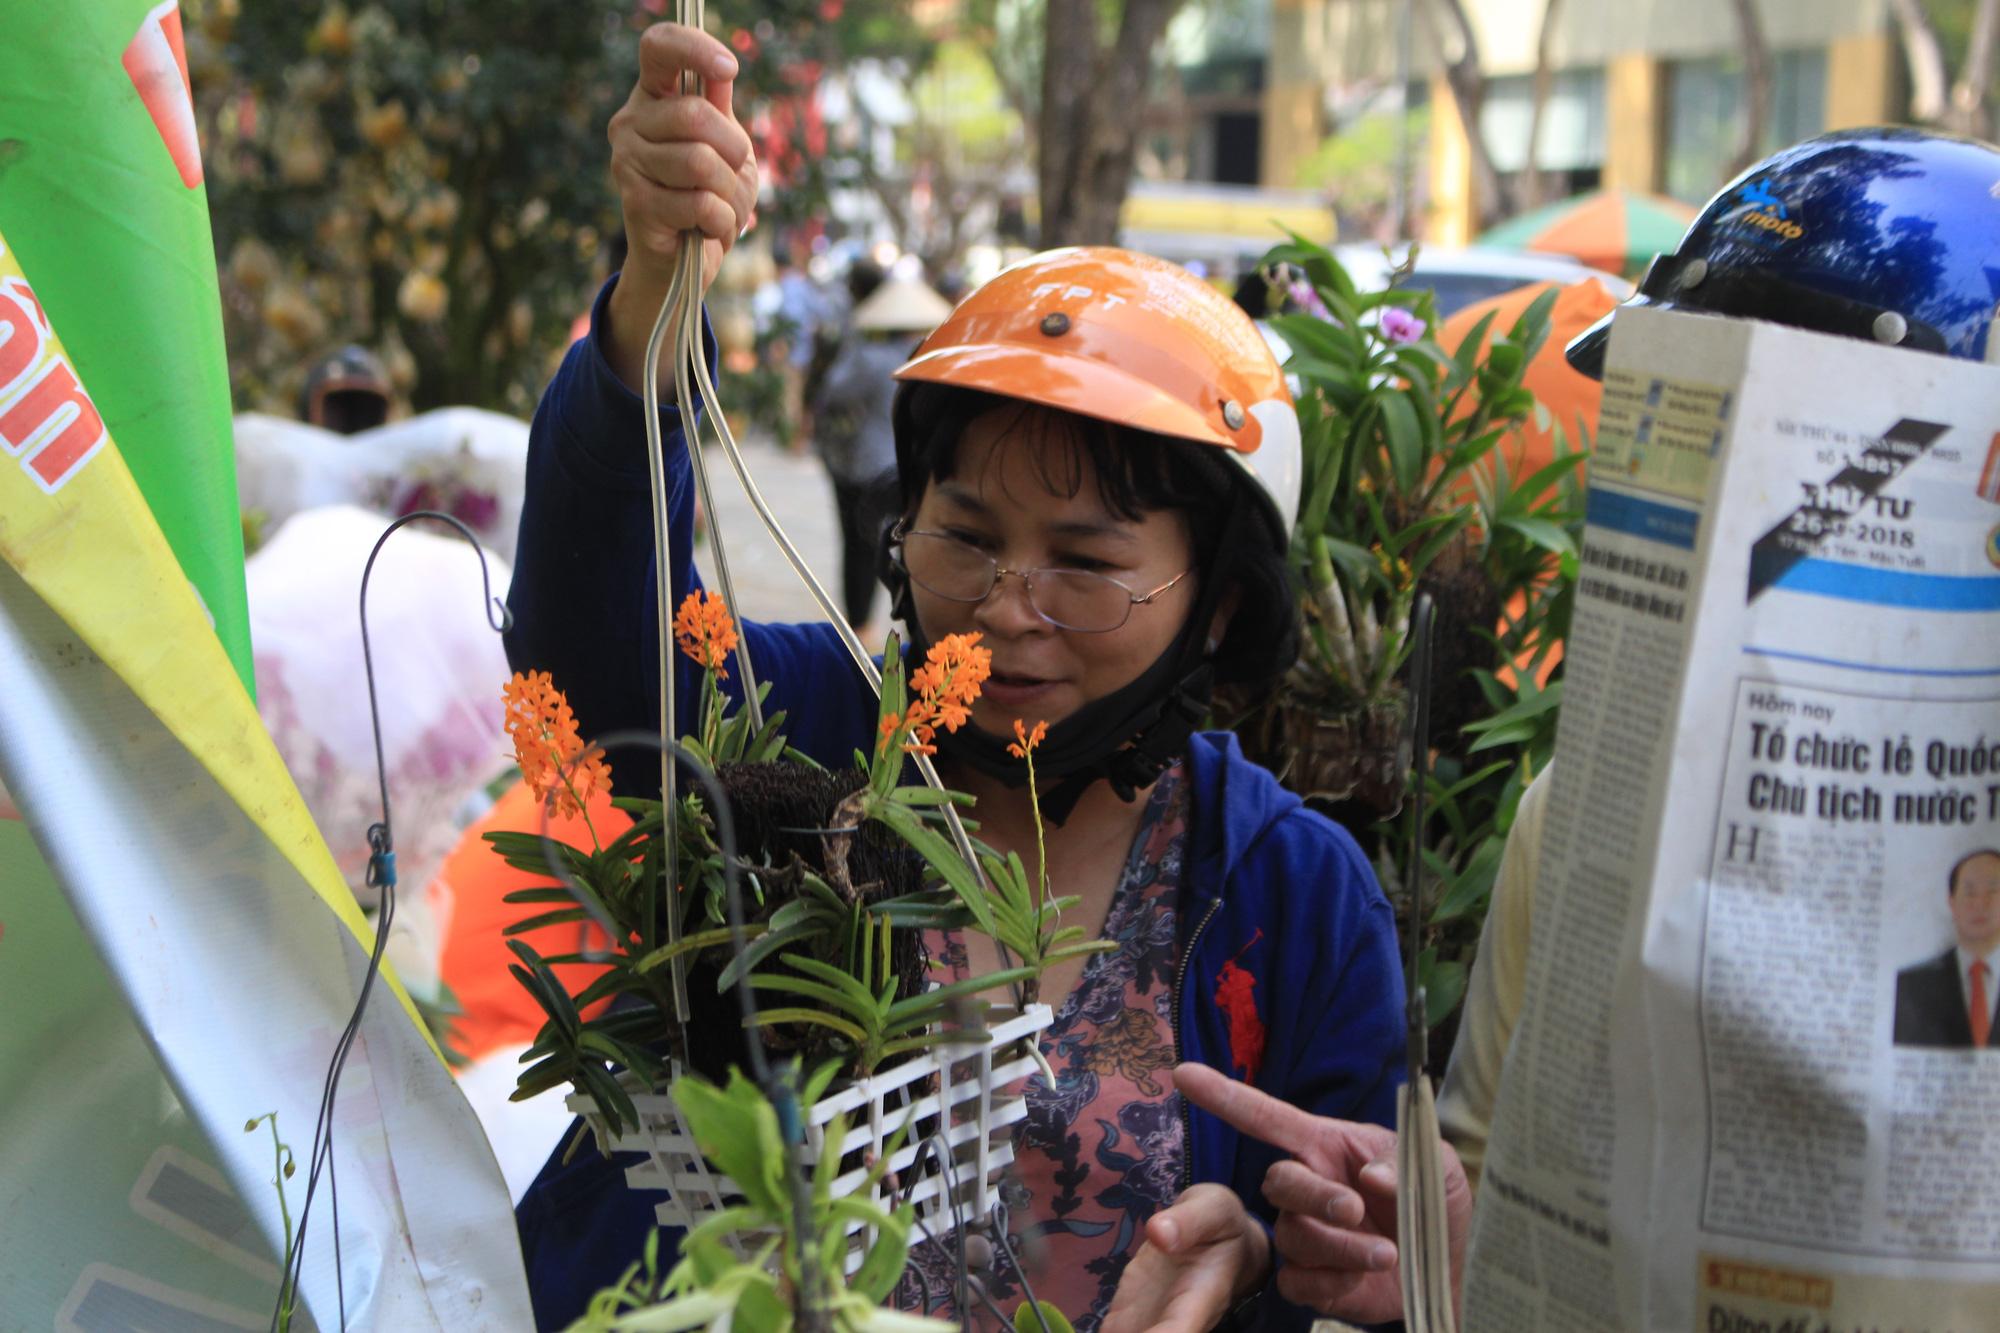 Trưa 30 Tết, mai, đào, hướng dương bán rẻ như cho 50.000 đồng một cây ở chợ hoa Sài Gòn - Ảnh 12.